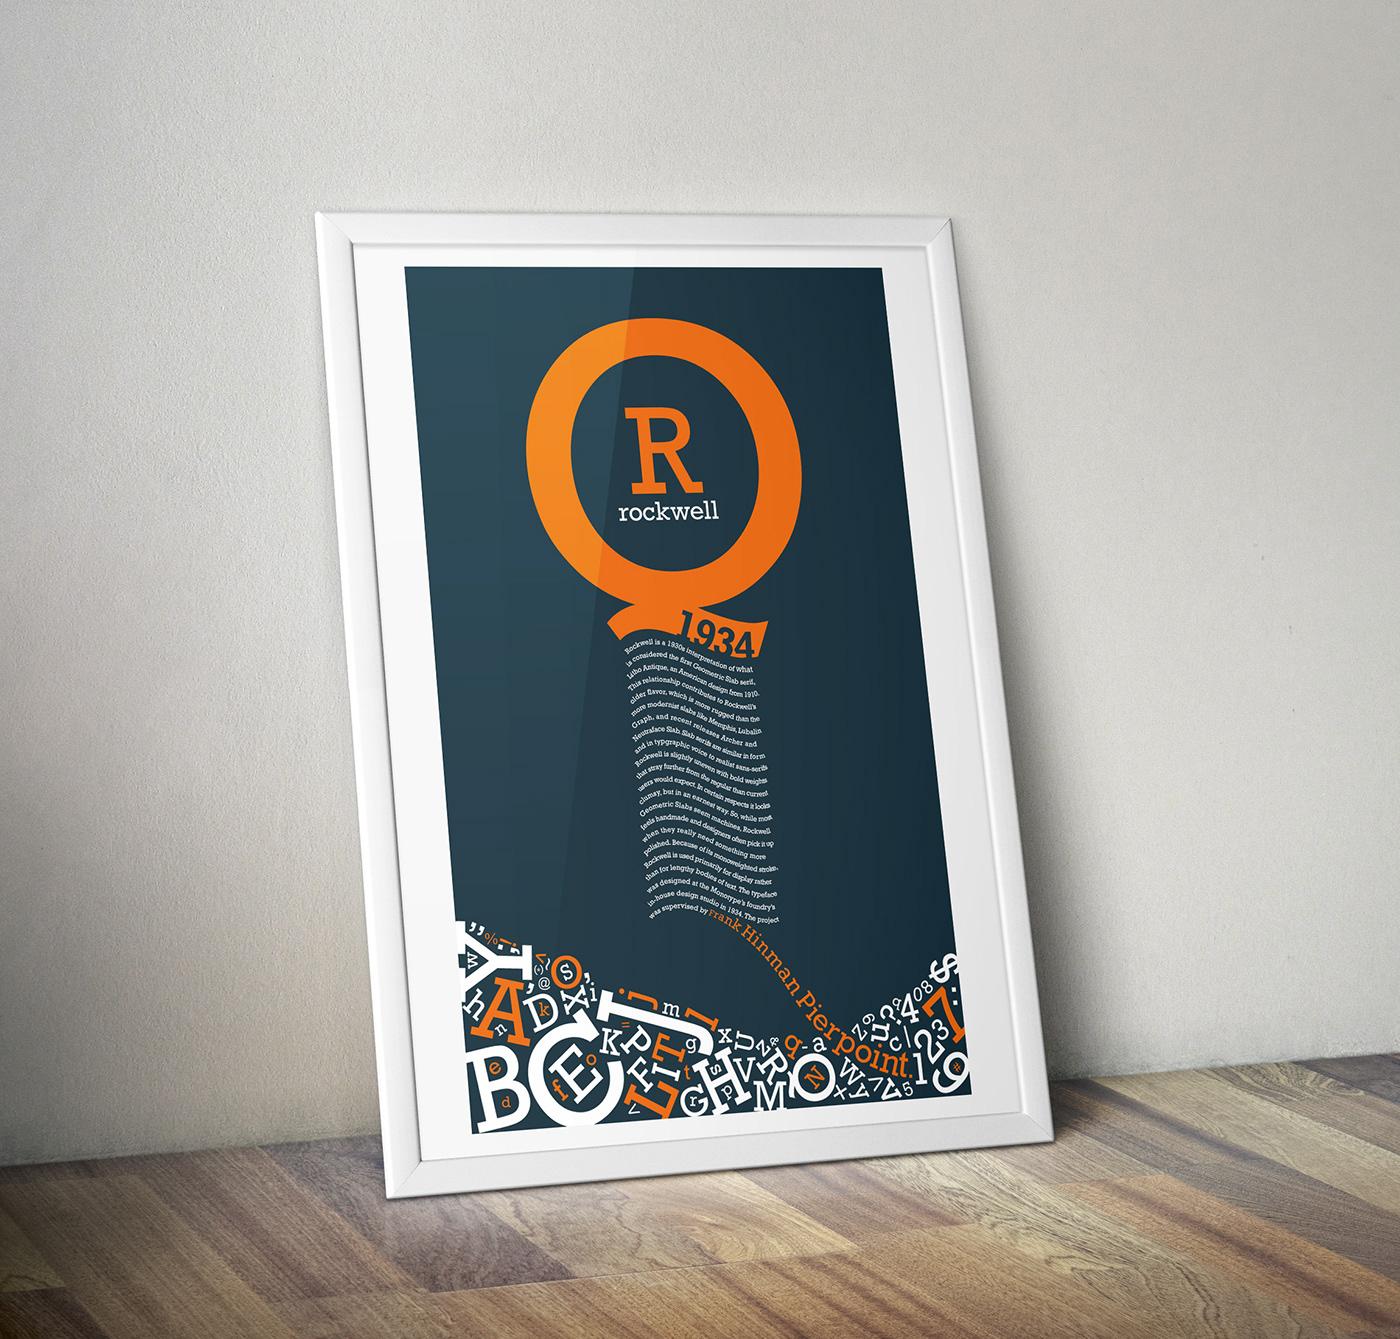 【 海報排版】34套有美感海報排版的設計主題推薦 - 天天瘋後製-Crazy-Tutorial